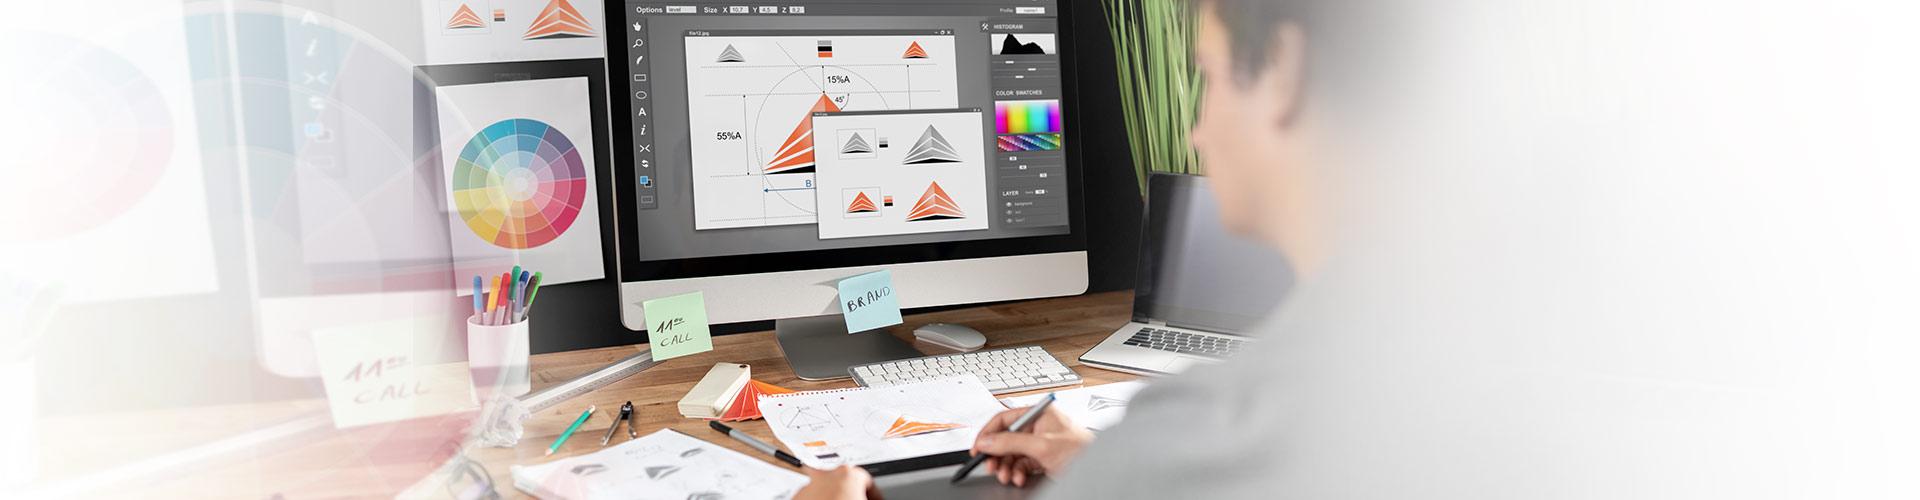 Concevoir et réaliser une identité visuelle multi-supports